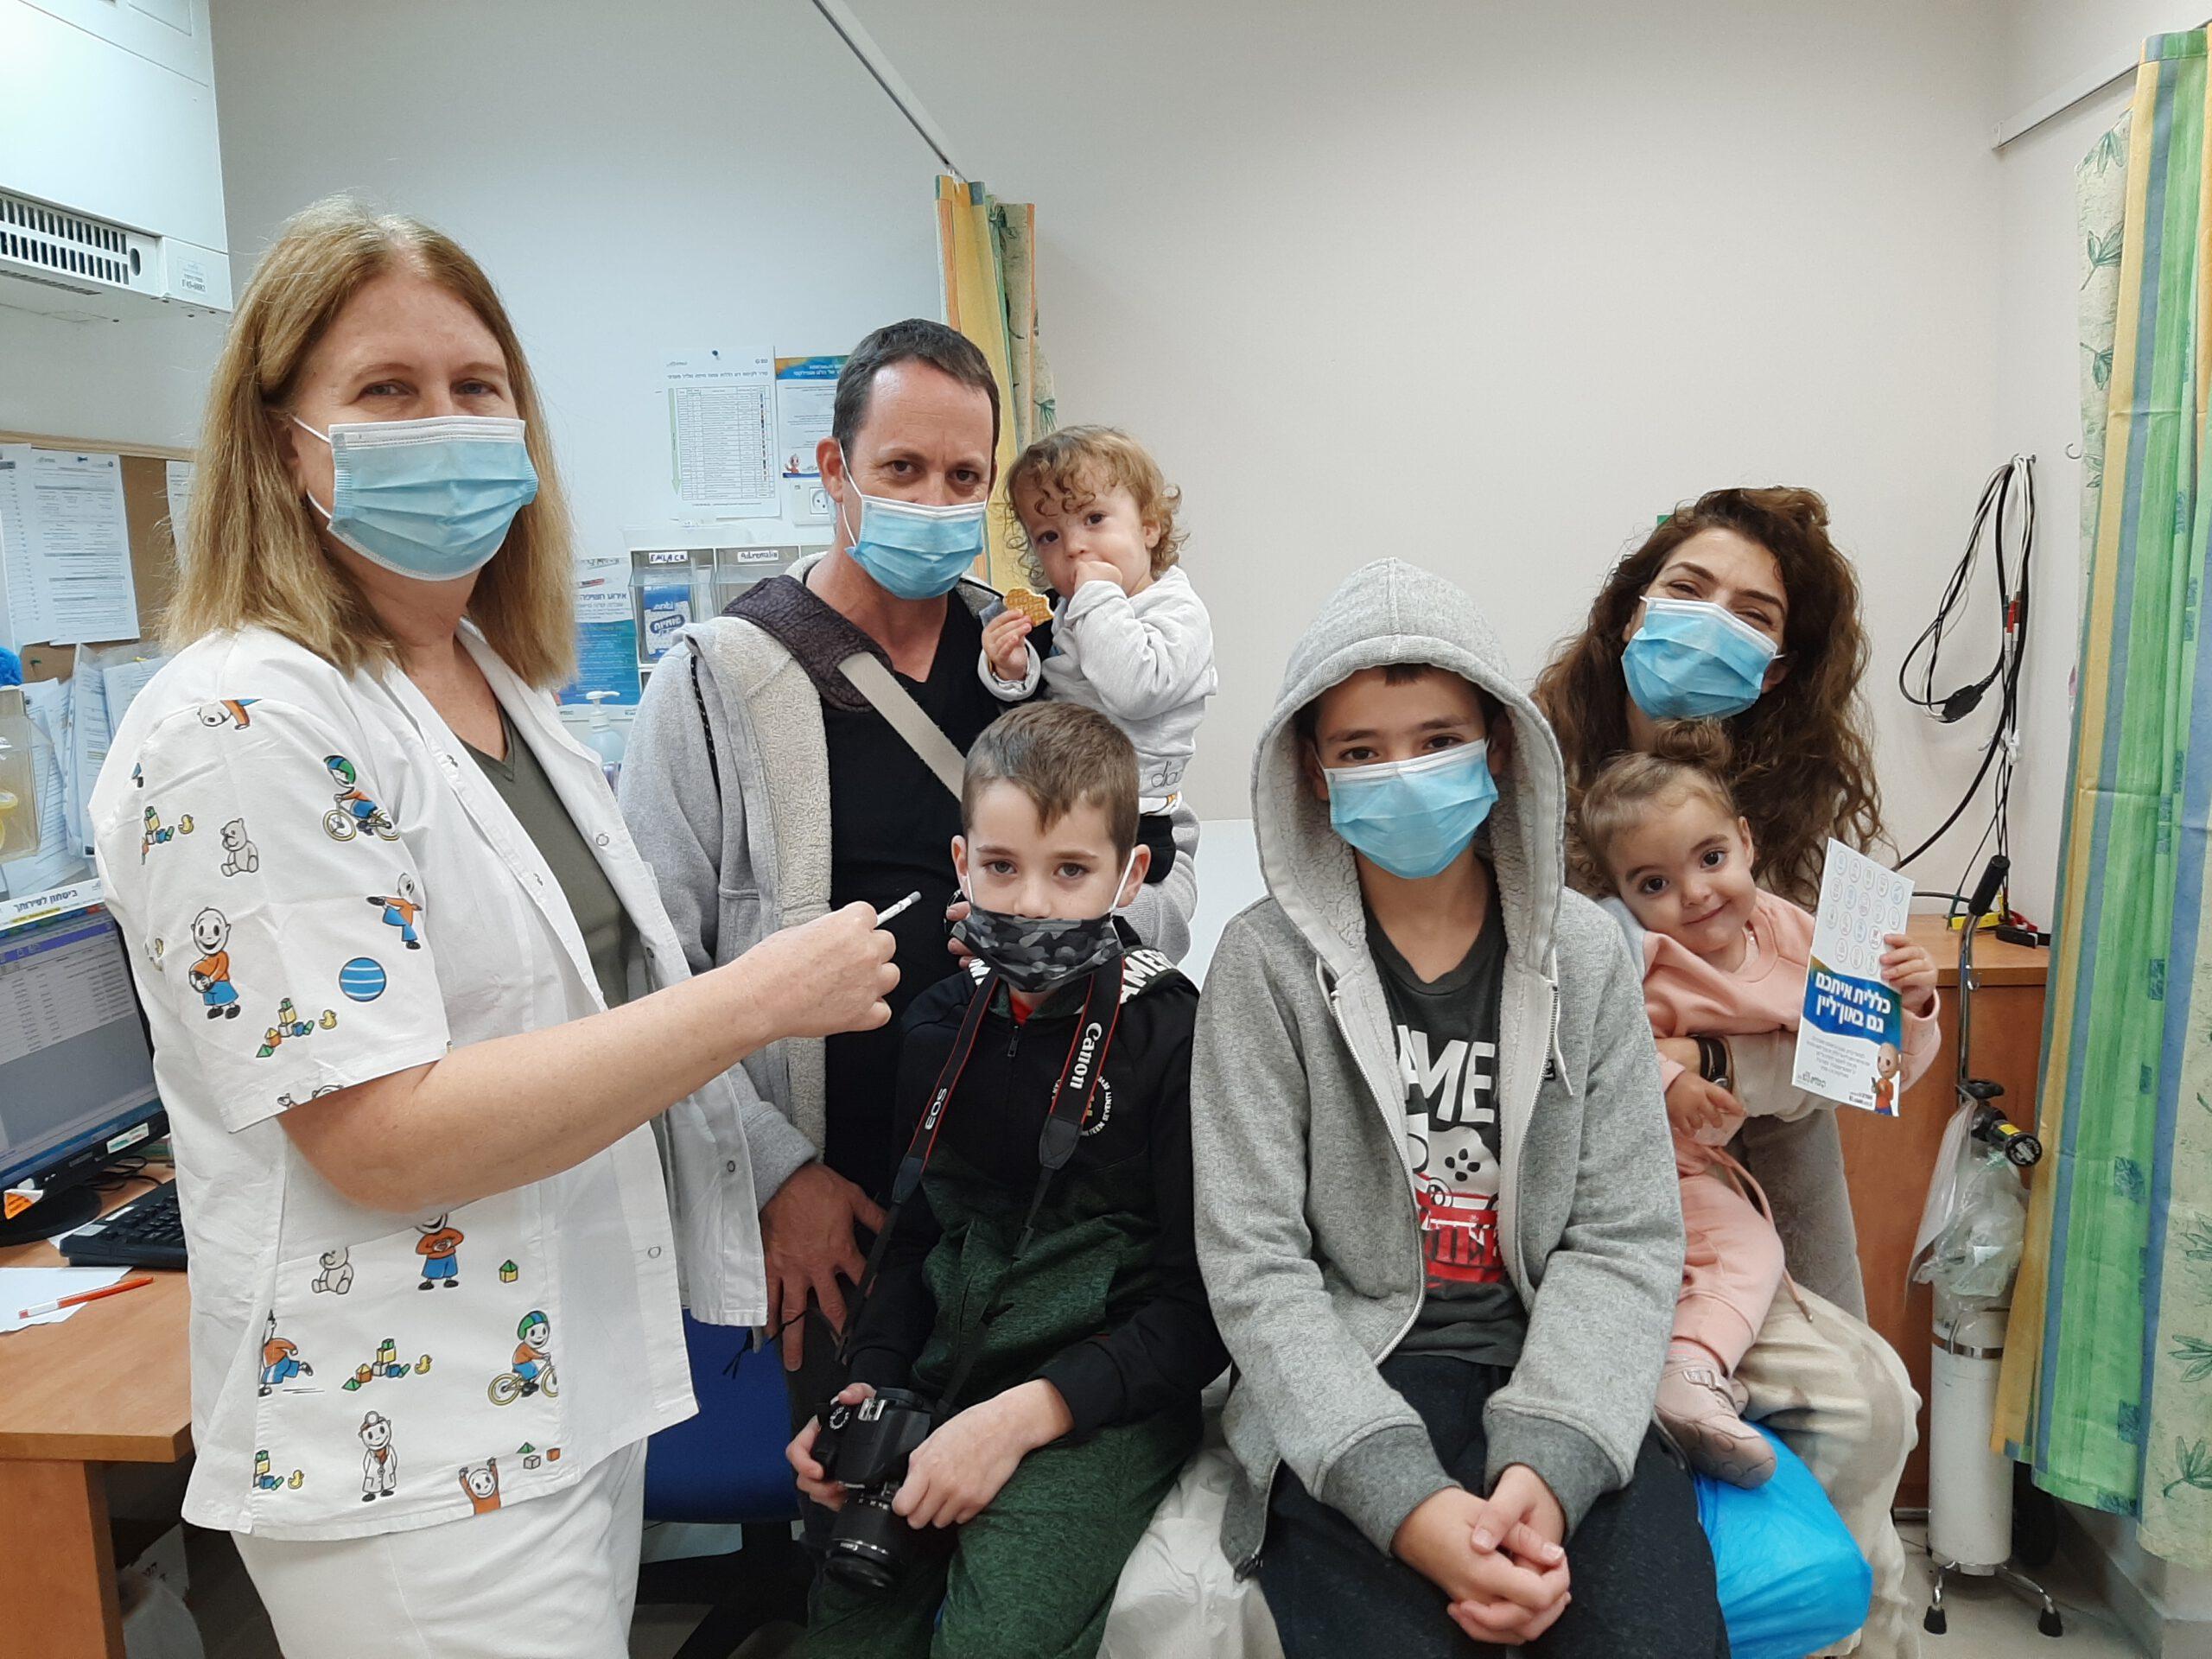 משפחה מתחסנת נגד השפעת במרכז הילד של כללית במחוז